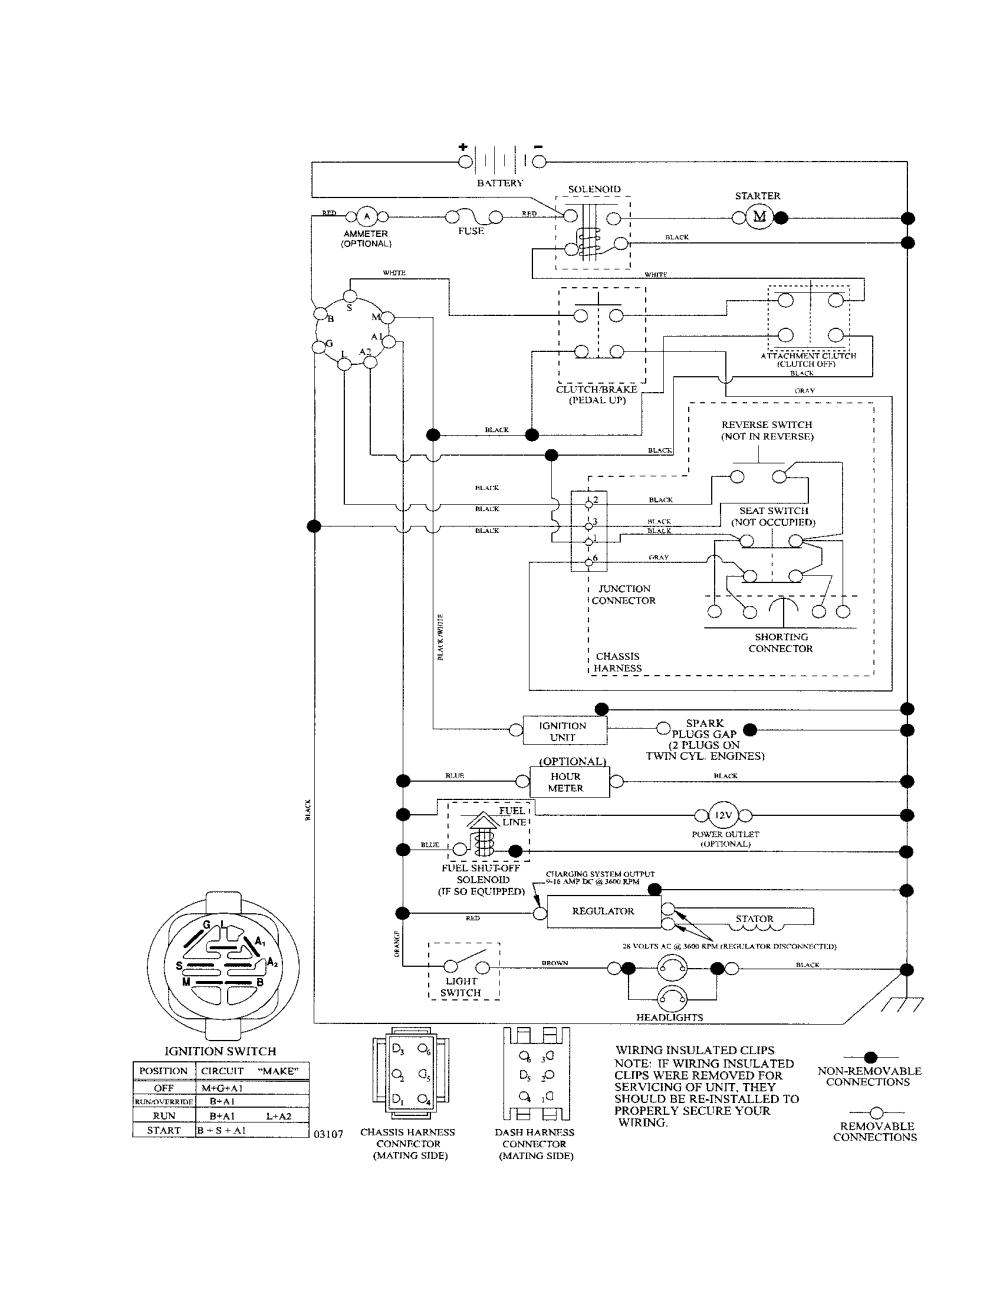 medium resolution of husqvarna wiring schematic wiring diagram review husqvarna wiring schematic wiring diagrams husqvarna riding mower wiring schematic